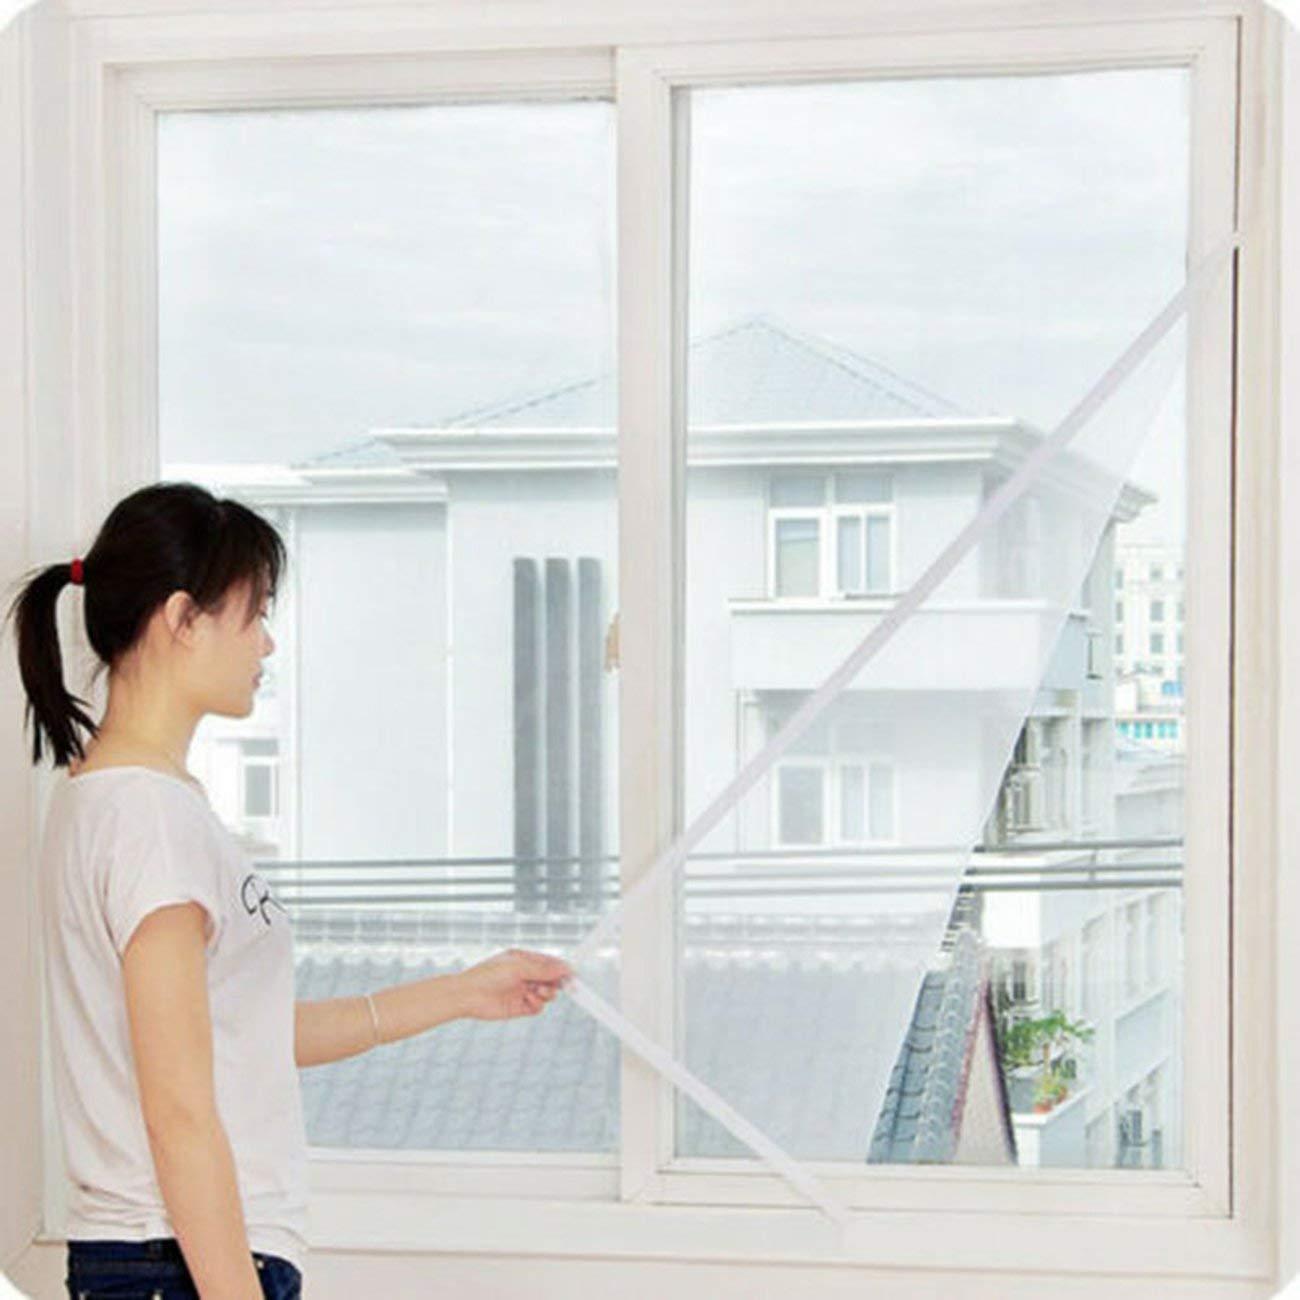 1,3 Mt DIY Fliegengitter Vorhang Insektenschutz Fliegen Moskito Bug Fenster T/ür Mesh-Bildschirm f/ür Home Kitchen verwenden Praktische 1,5